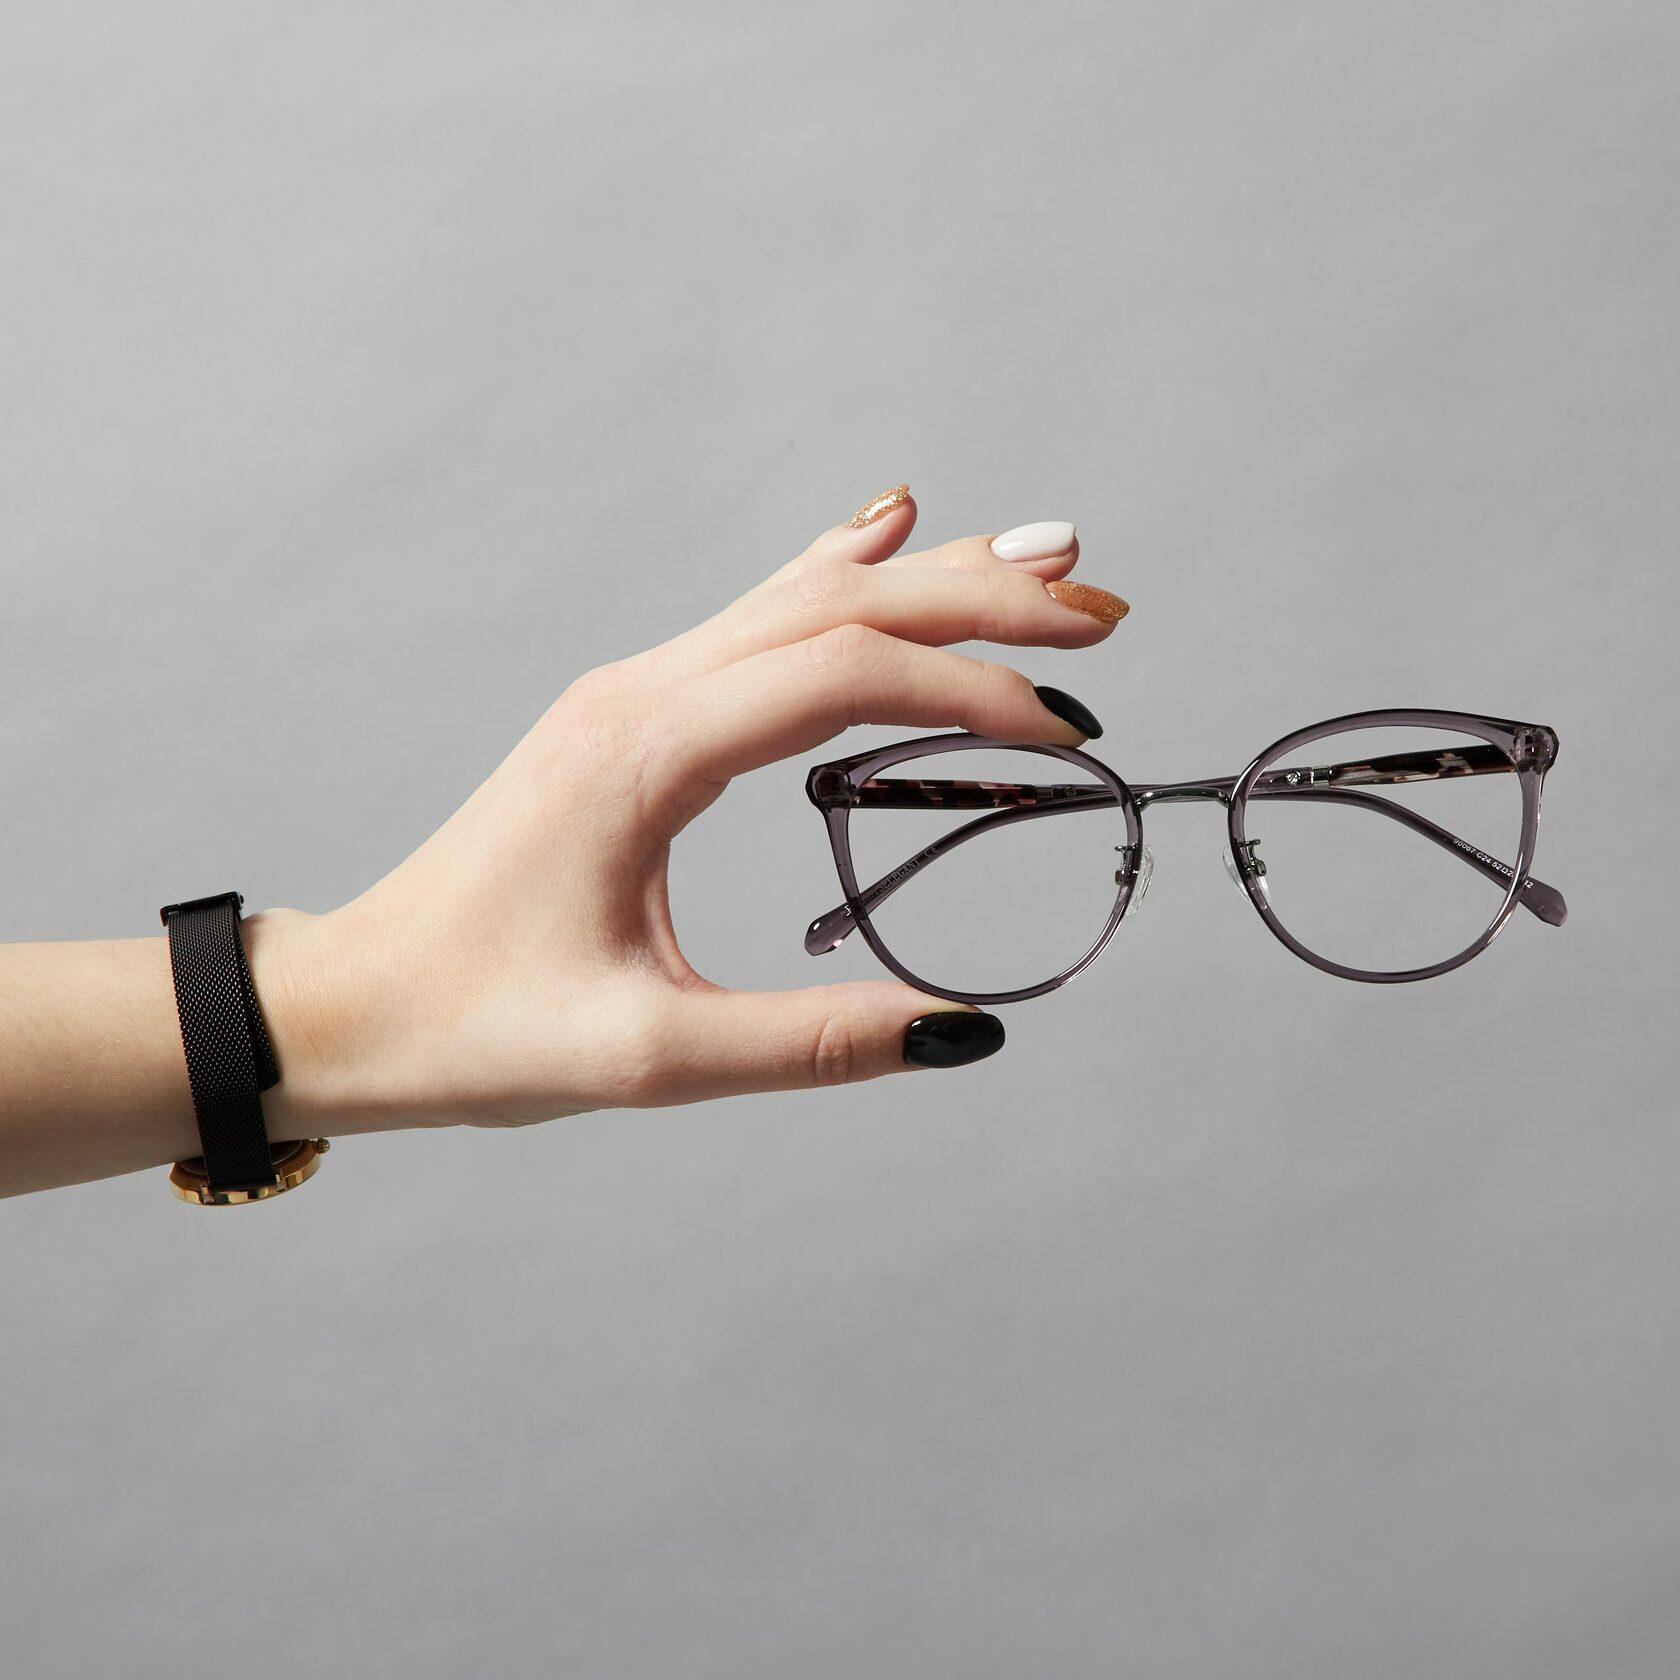 купить очки спб, мужские очки, очки женские, очки +для зрения